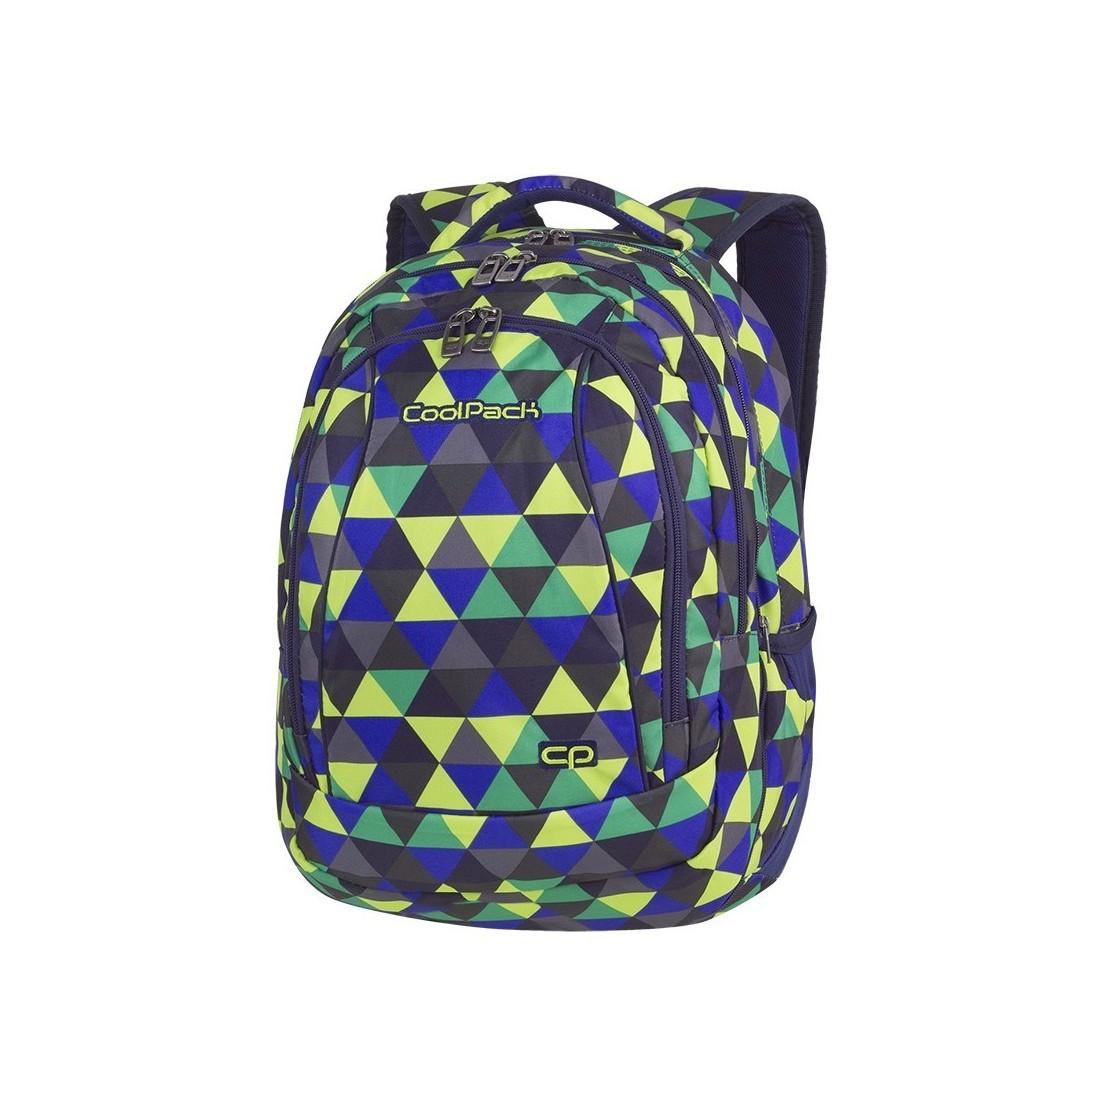 Plecak szkolny CoolPack CP Combo Prism Illusion 2w1 dla młodzieży - plecak-tornister.pl